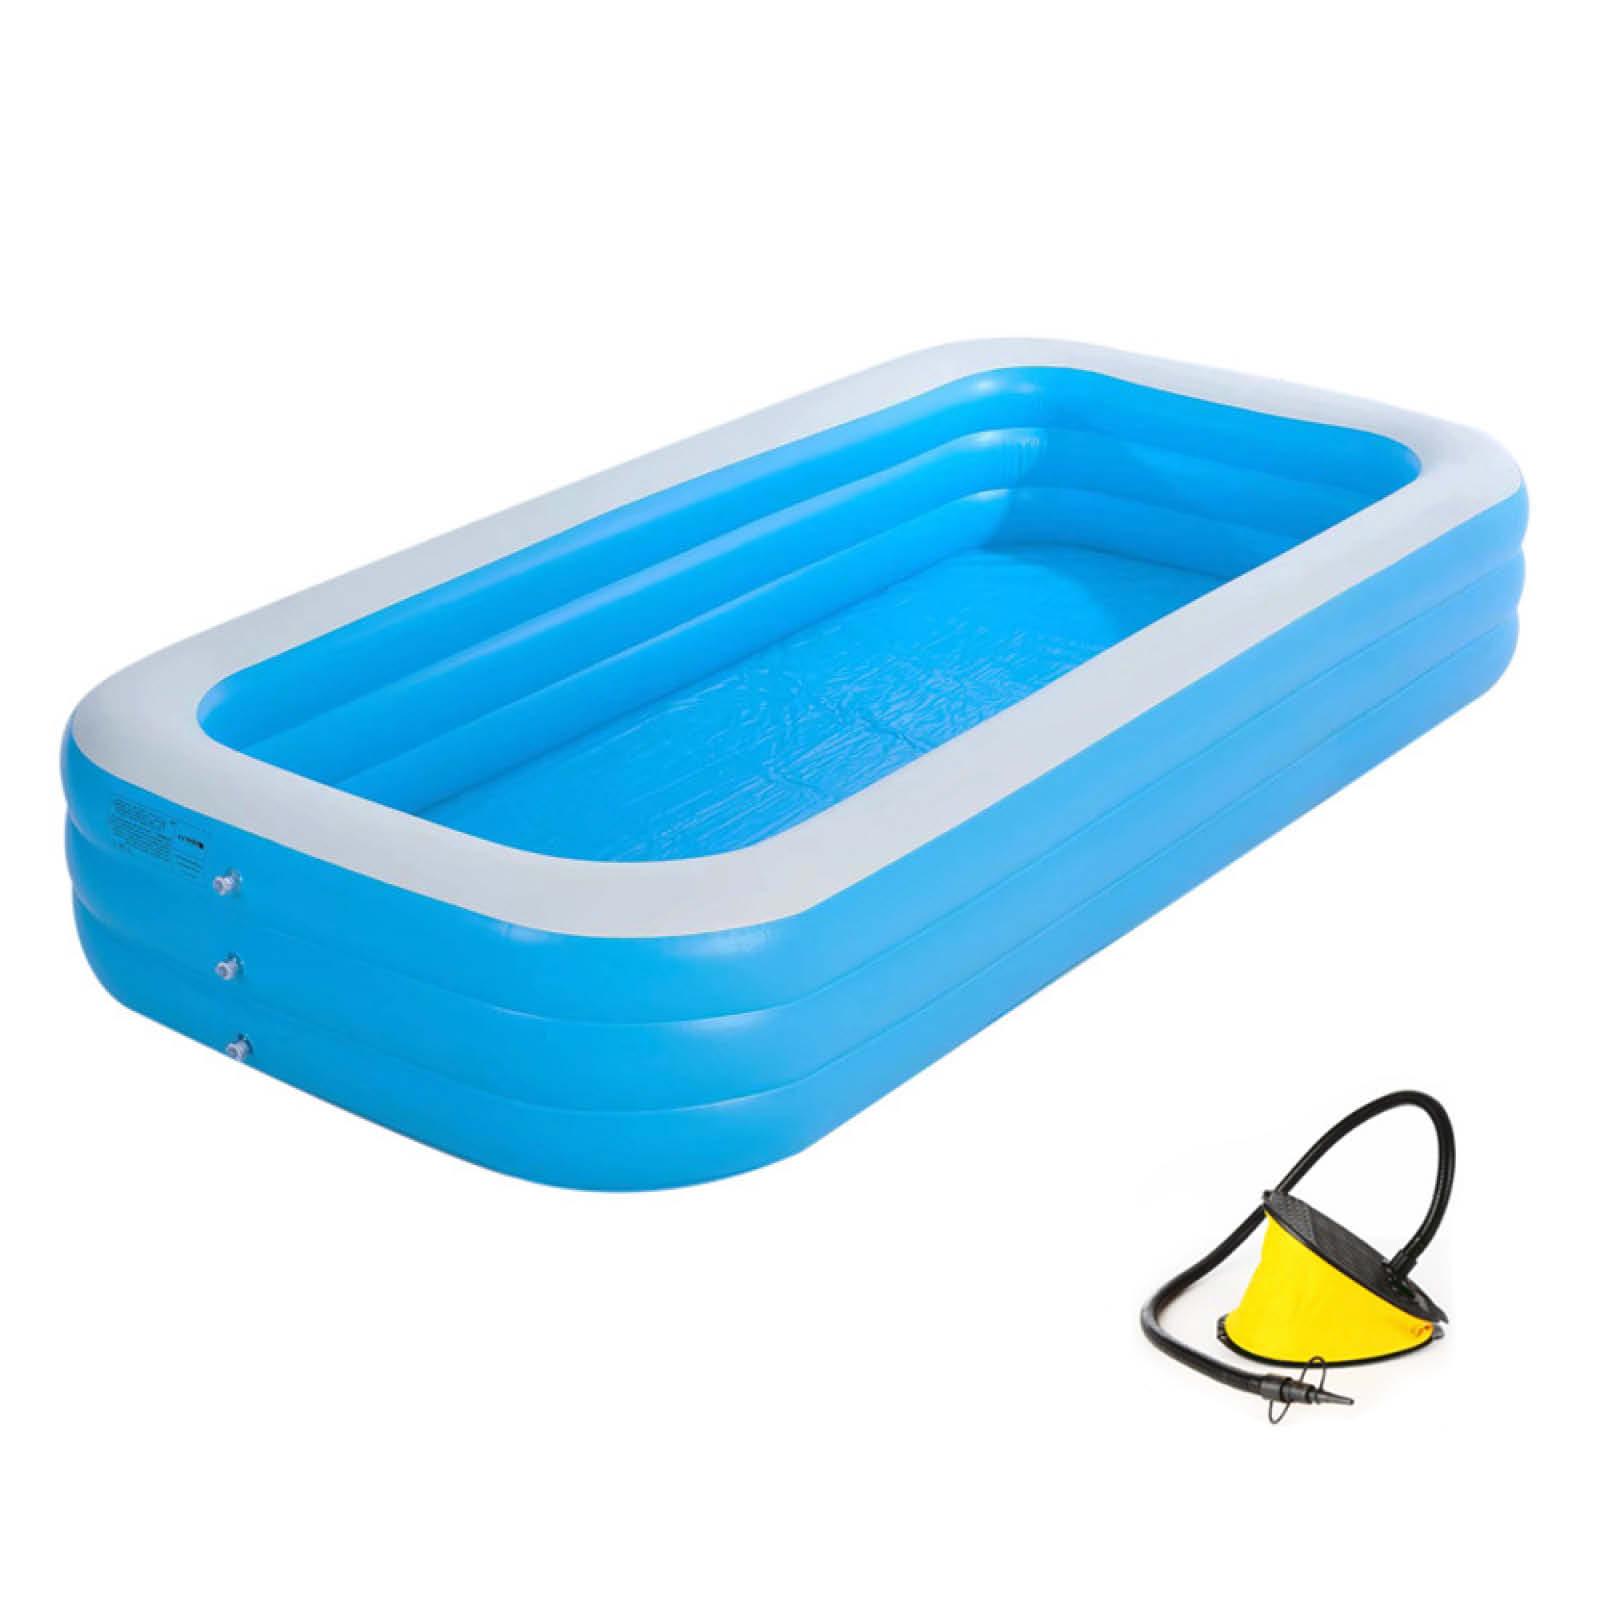 お庭やベランダで水遊びが楽しめるビニールプール 210cm VeroMan 家庭用 大型プール インフレータブル ビニールプール 庭 即出荷 日本産 水遊び 室内 室外 暑さ対策 屋上 L